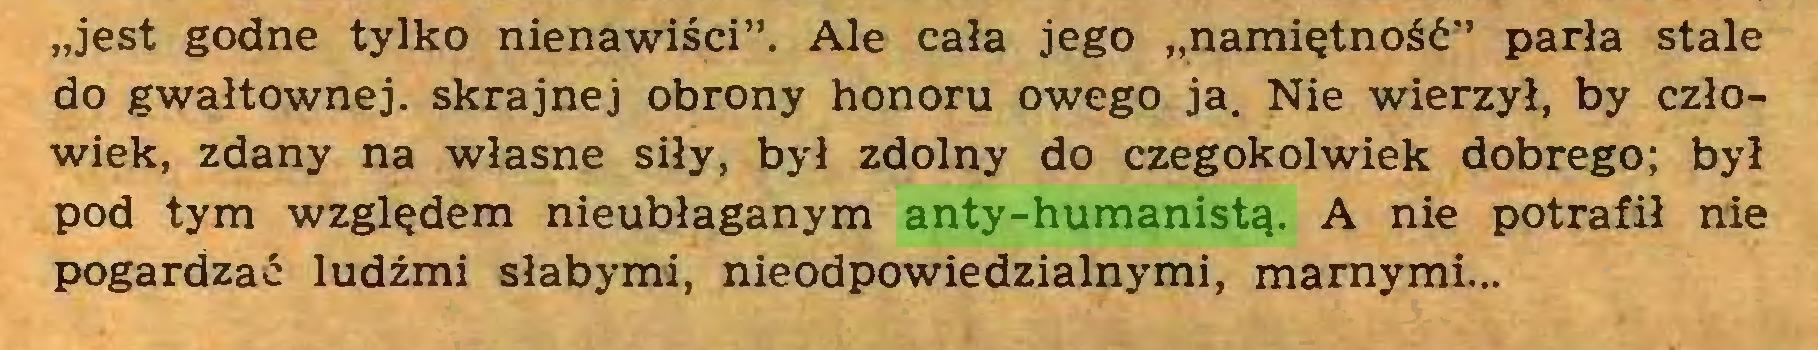 """(...) """"jest godne tylko nienawiści"""". Ale cała jego """"namiętność"""" parła stale do gwałtownej, skrajnej obrony honoru owego ja. Nie wierzył, by człowiek, zdany na własne siły, był zdolny do czegokolwiek dobrego: był pod tym względem nieubłaganym anty-humanistą. A nie potrafił nie pogardzać ludźmi słabymi, nieodpowiedzialnymi, marnymi..."""